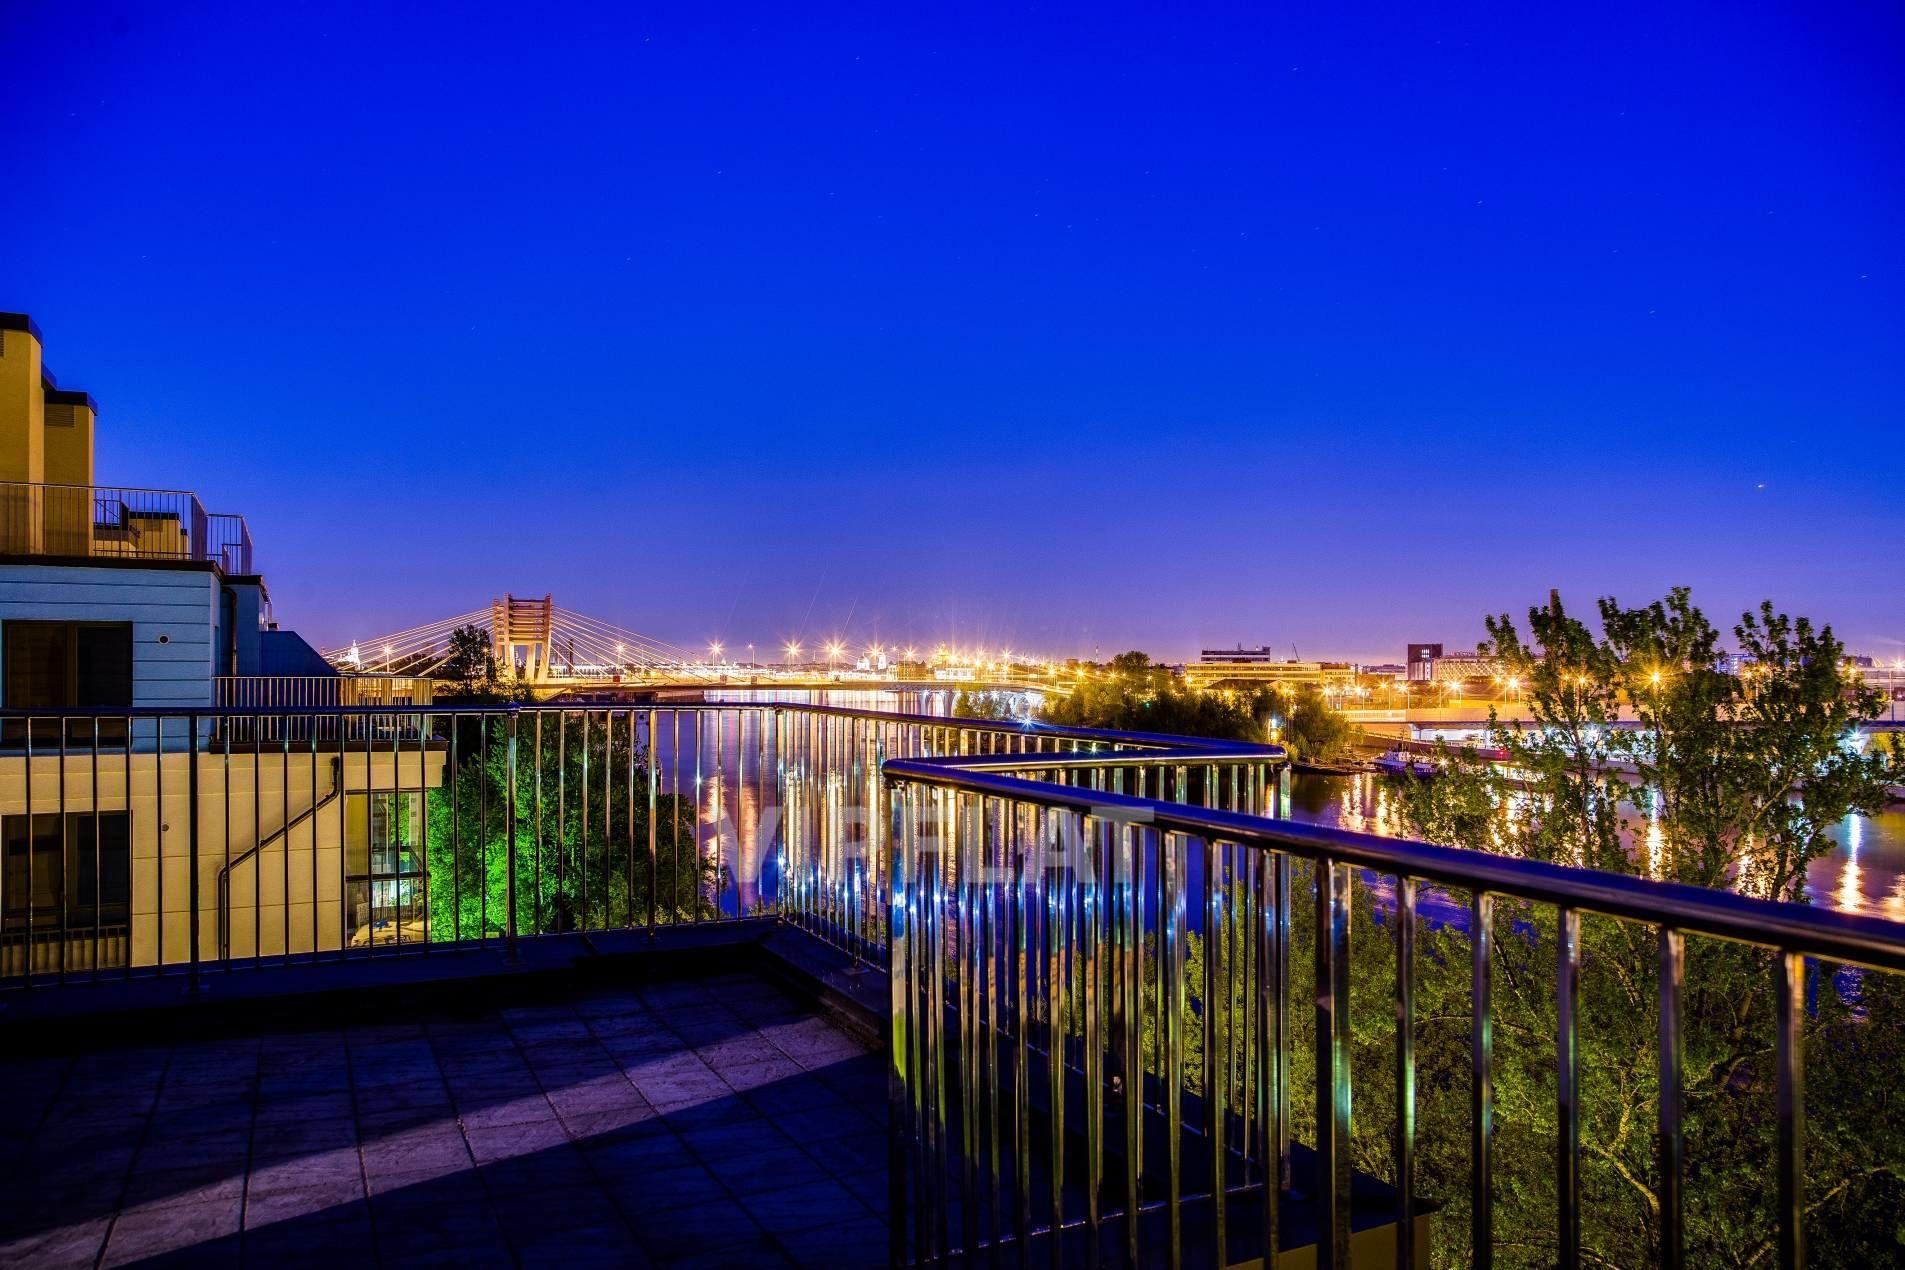 Продажа элитных квартир Санкт-Петербурга. Петровский пр., 24 к. 3 Шикарная терраса с видом на ночной город